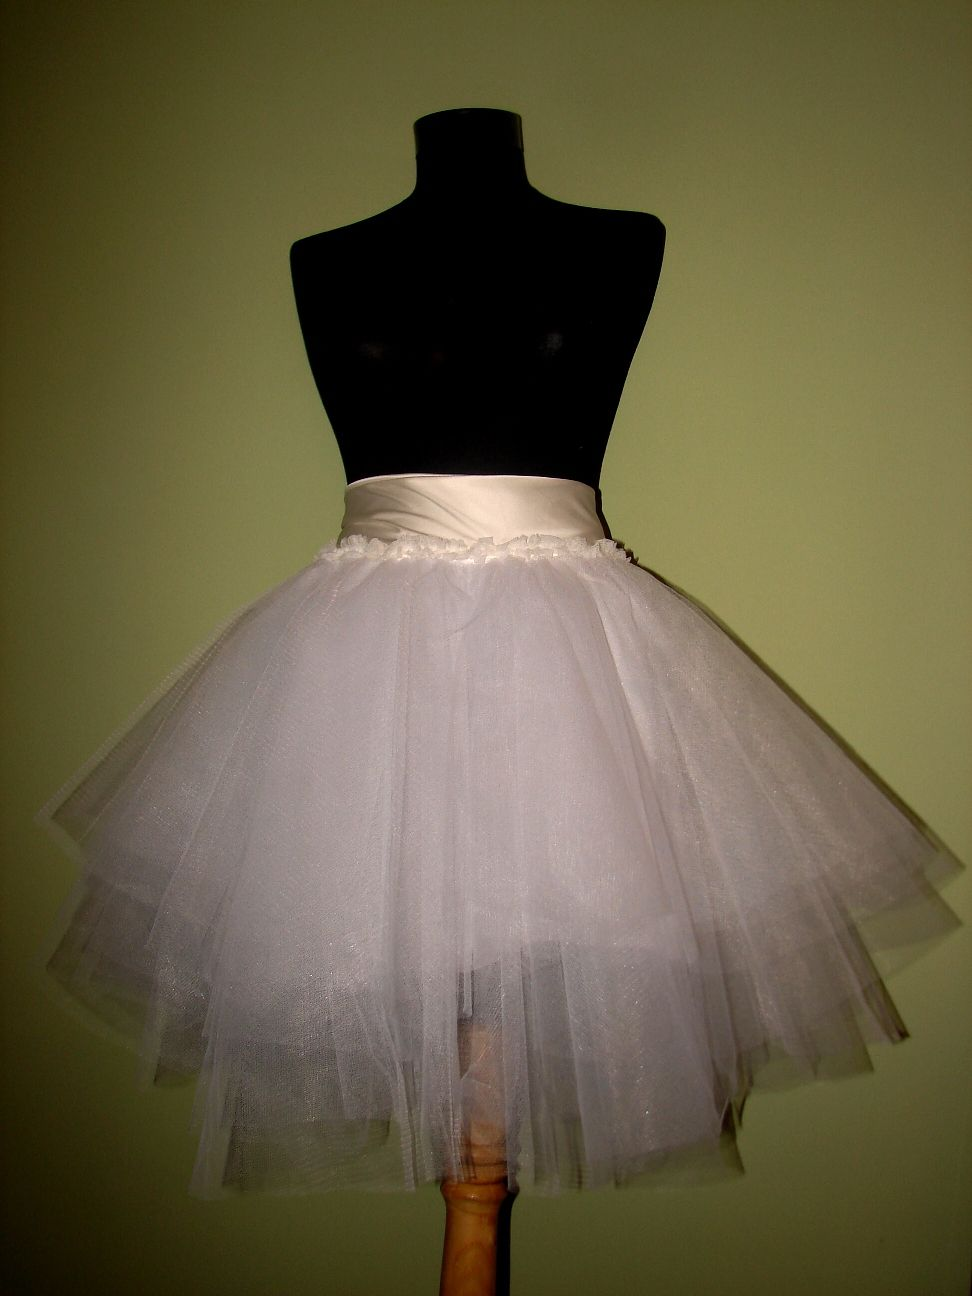 Dbd White Tulle Skirt Toddler Dress Patterns Crochet Toddler Dress Tutu Skirt Baby [ 1296 x 972 Pixel ]